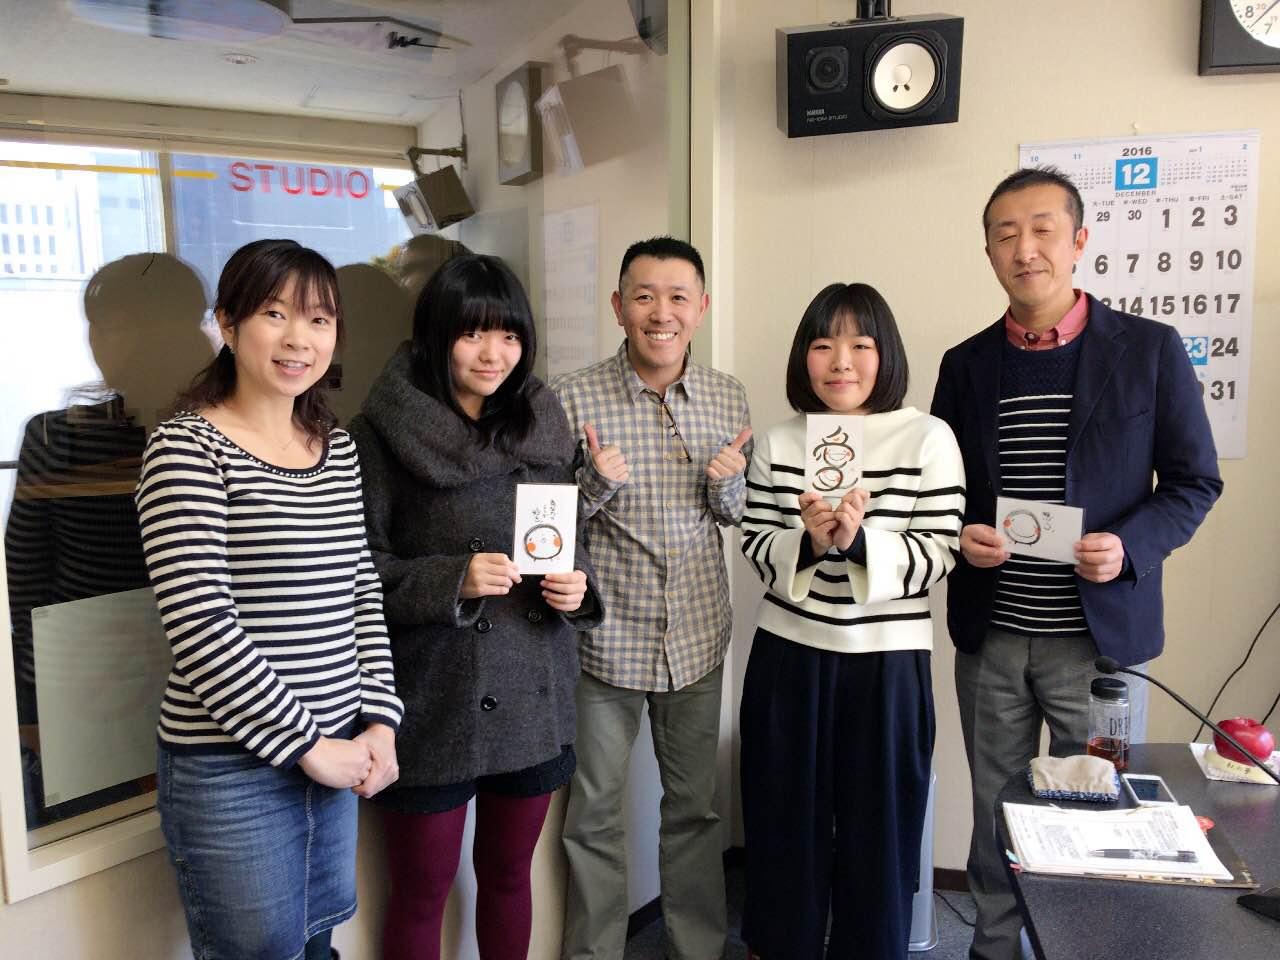 旭川商業高校の松村順先生と情報処理科2年生の小川桃さん